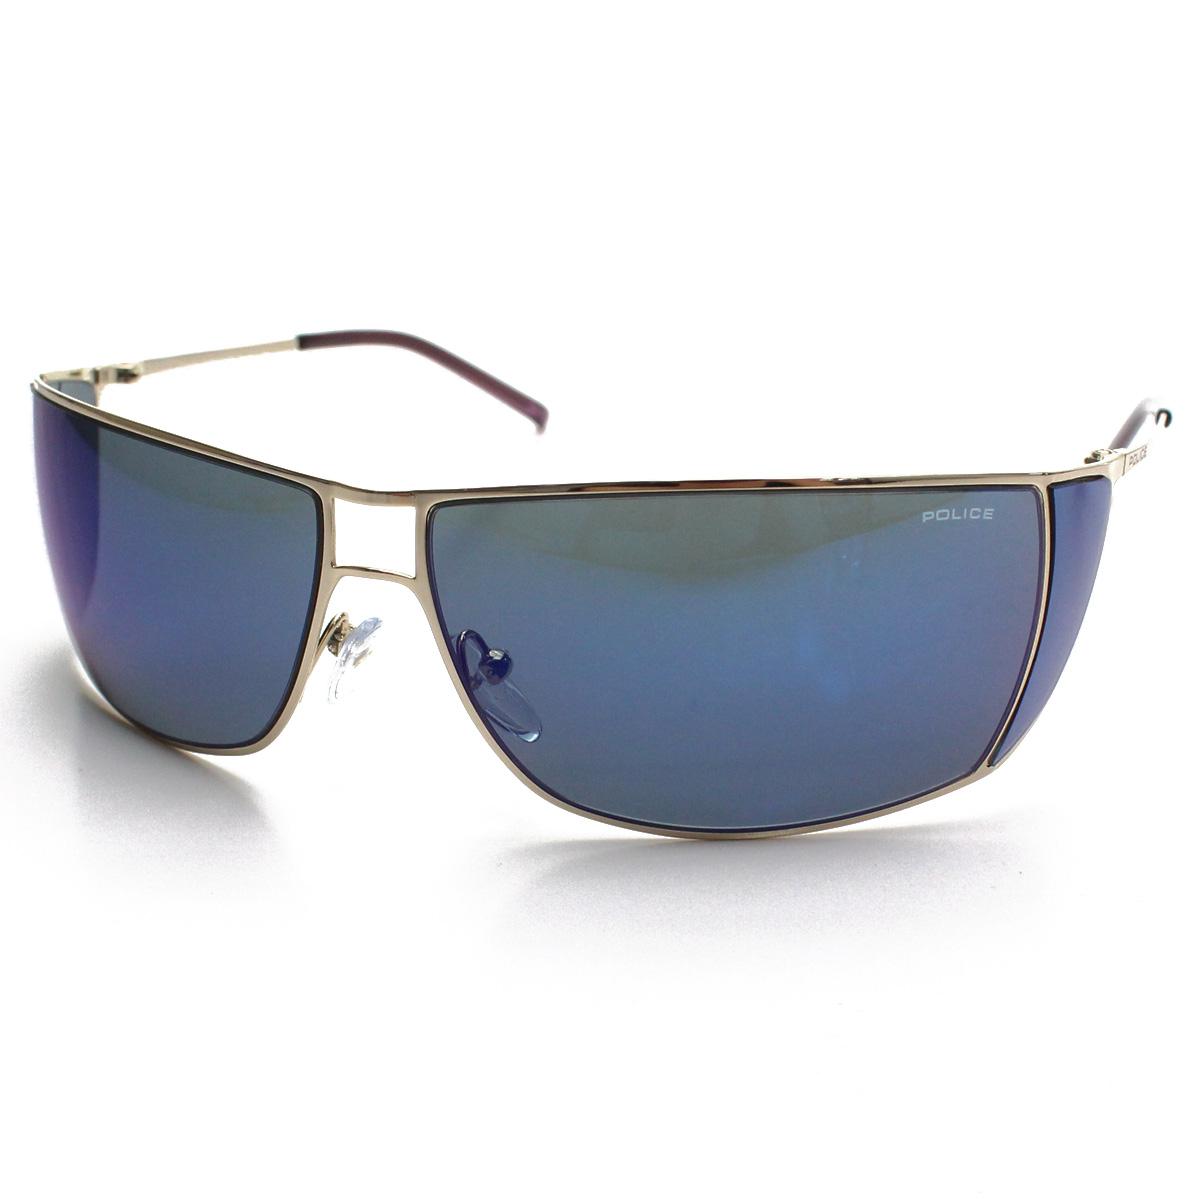 ポリス POLICE サングラス S2819K 300B ブルー系 メンズ